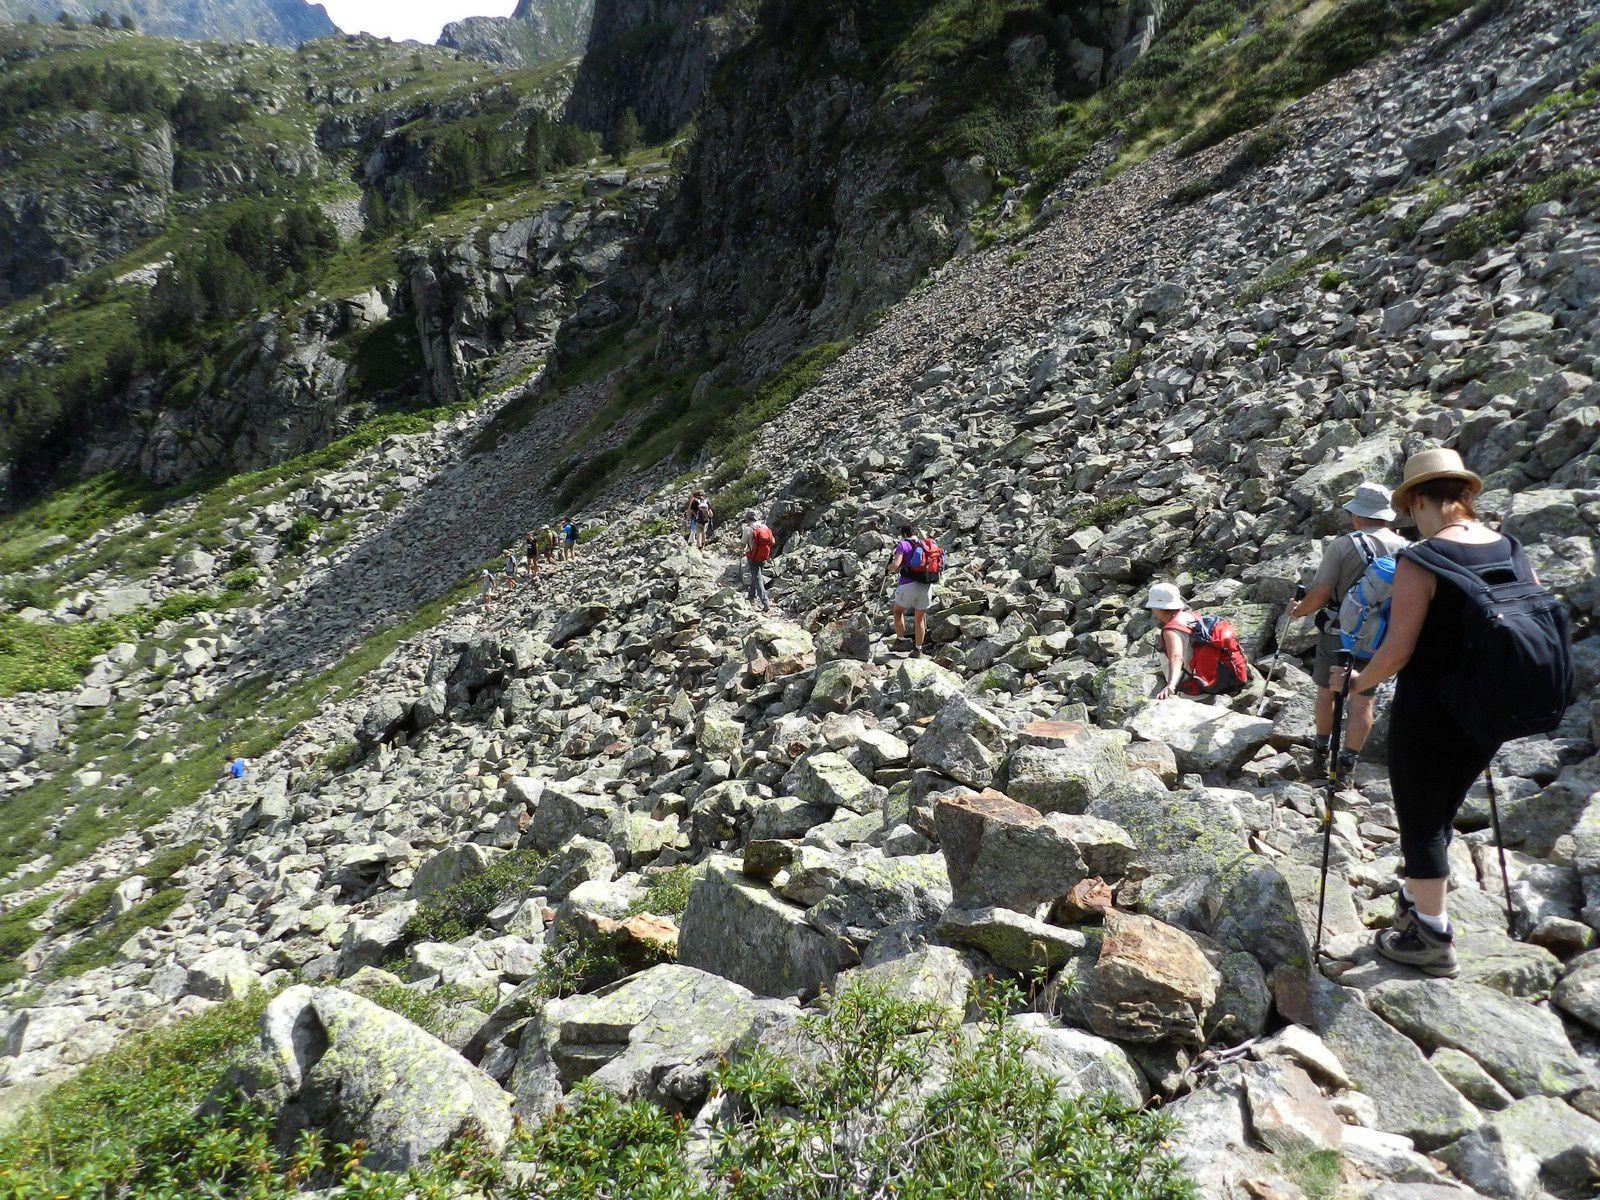 un passage au milieu des pierres et des myrtilles